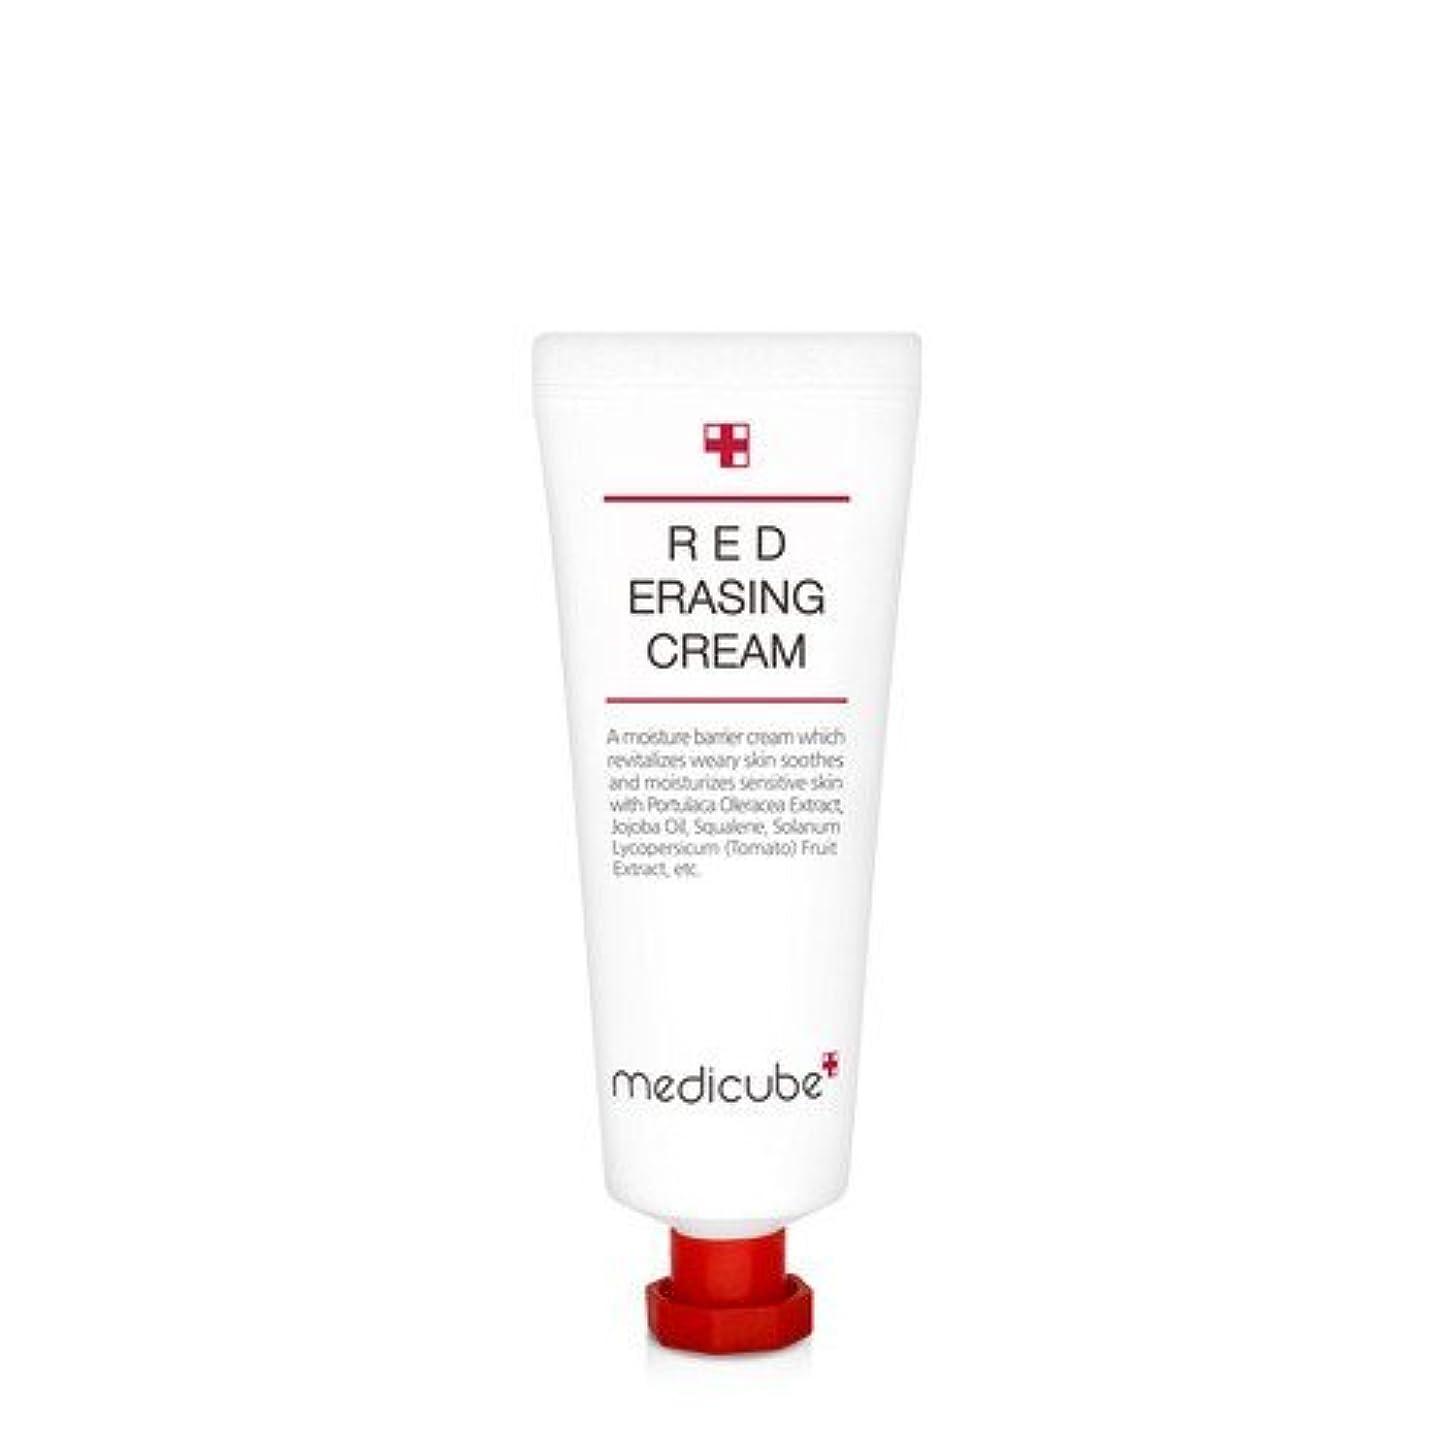 振りかける習慣作家[Medicube]Red Erasing Cream 50g / メディキューブレッドイレイジングクリーム / 正品?海外直送商品 [並行輸入品]